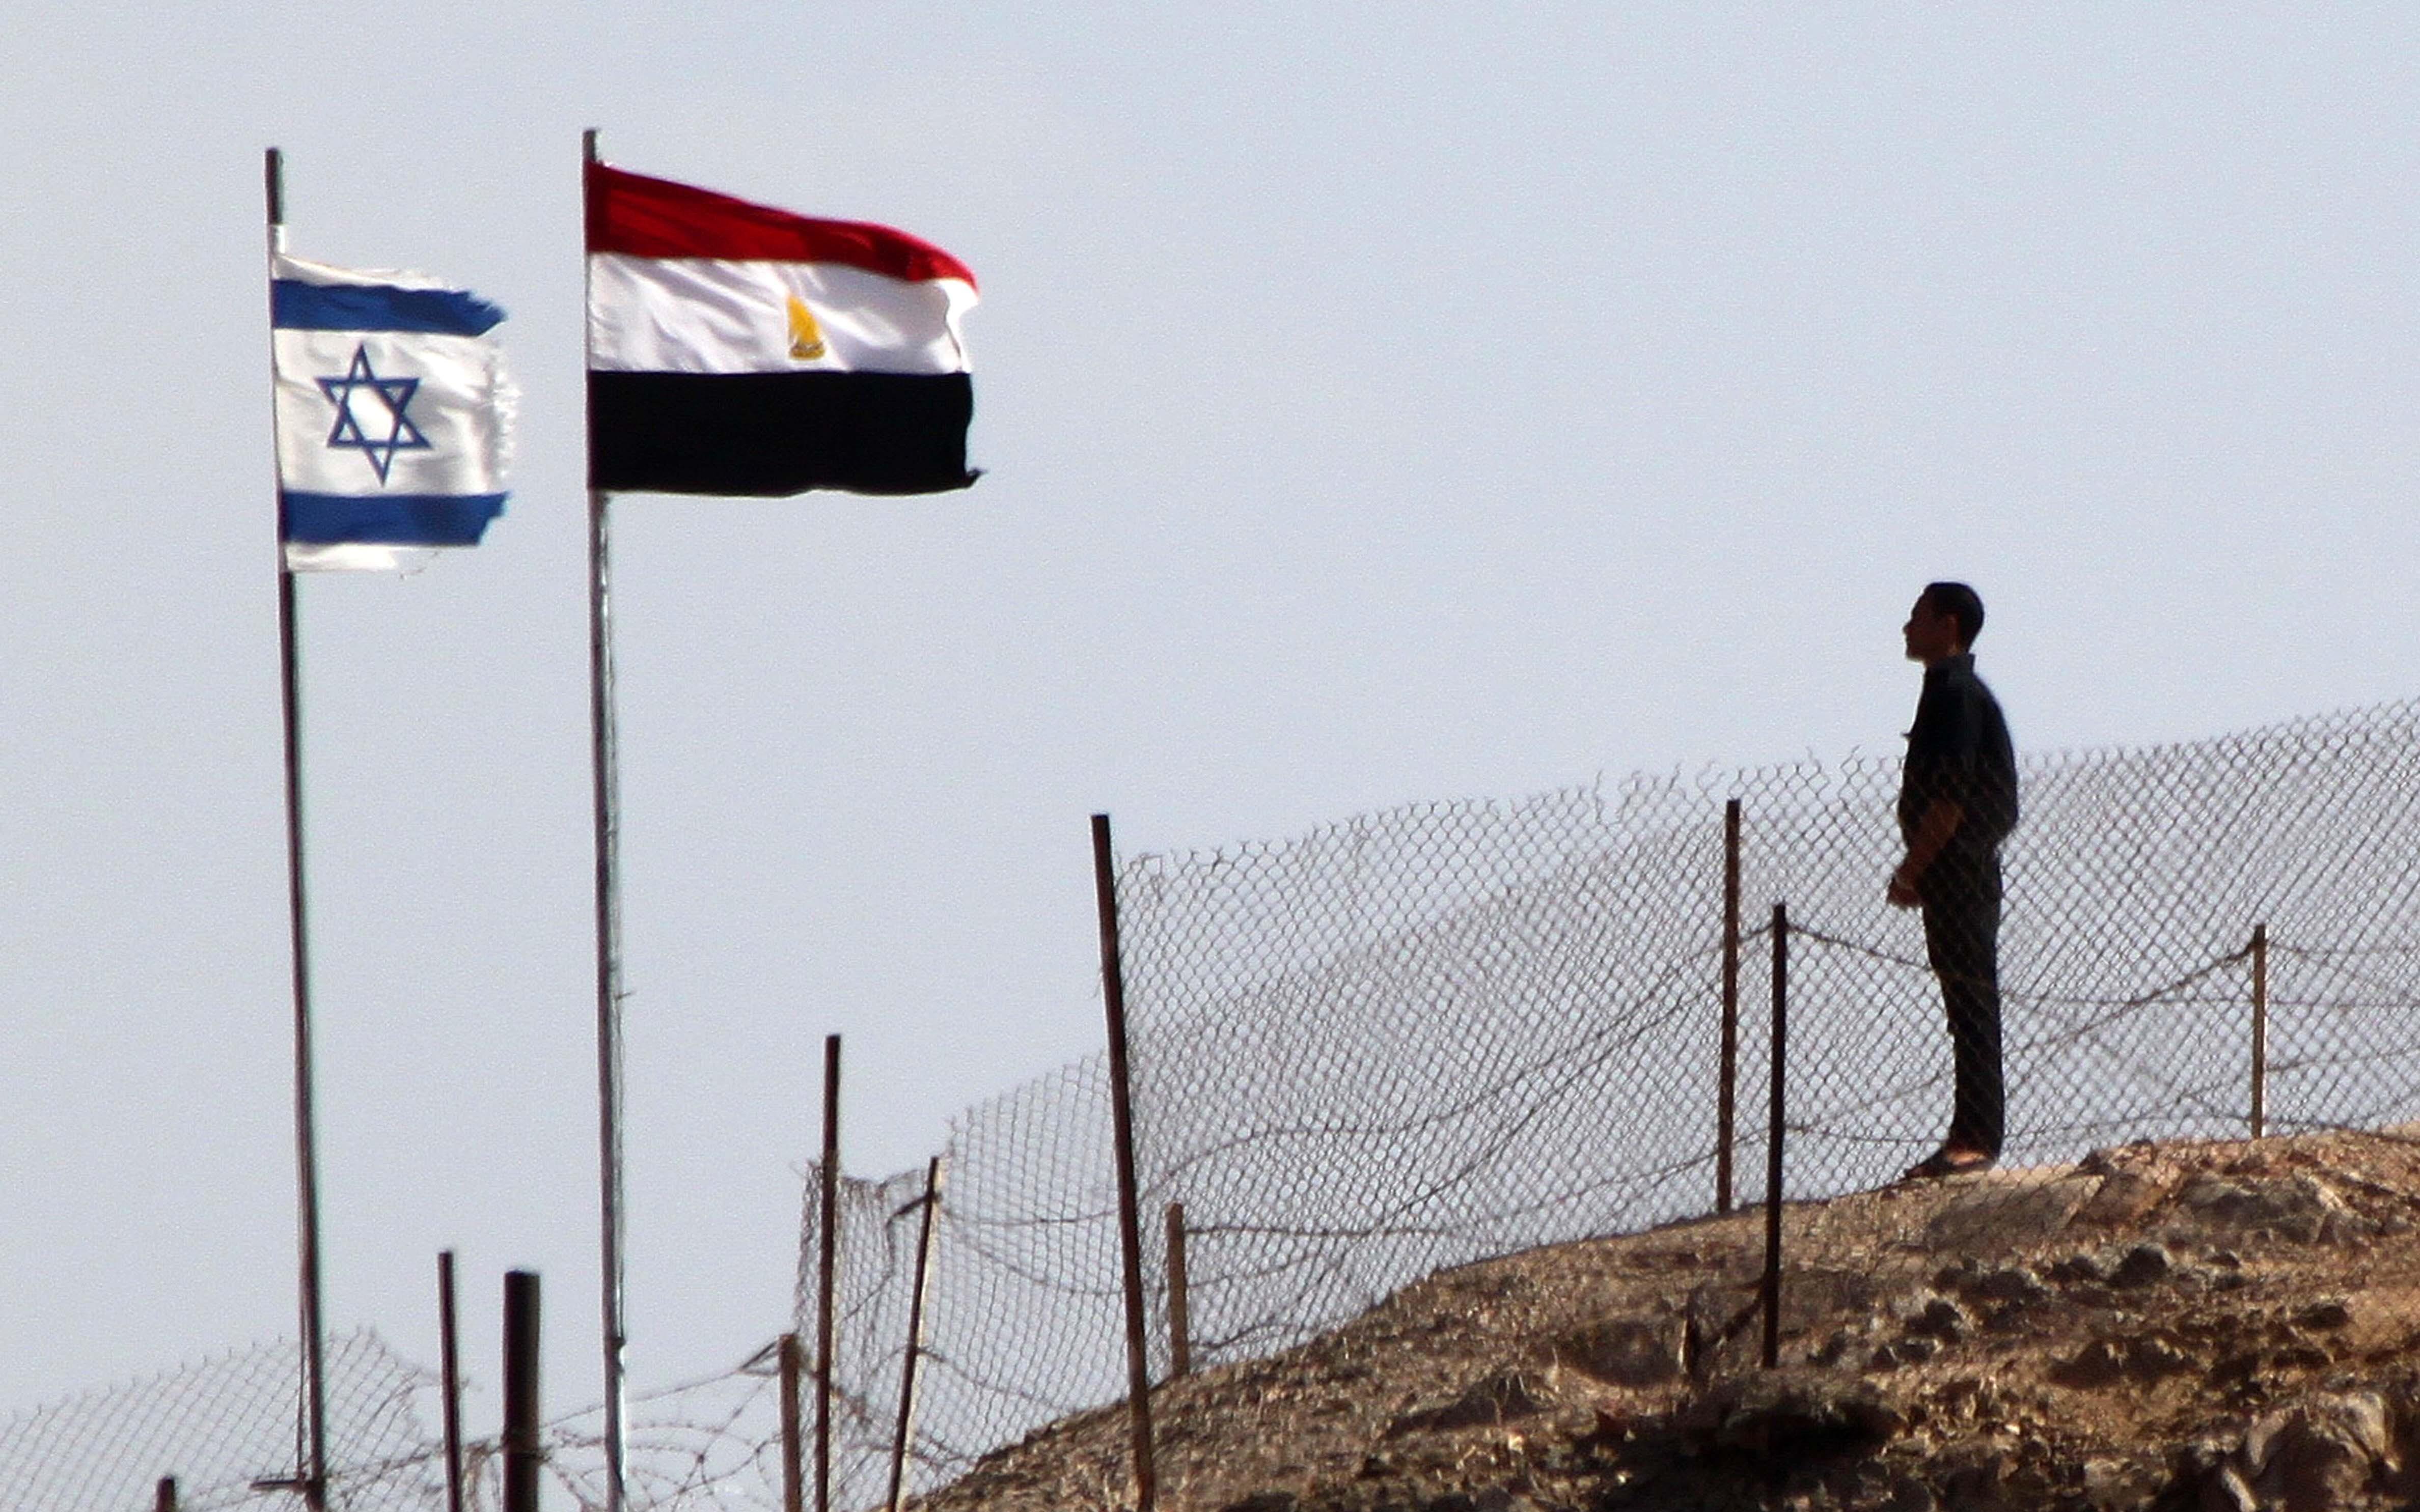 العلاقات-المصرية-الإسرائيلية-..-السيسي-يستقبل-رئيس-الكونغرس-اليهودي-العالمي-